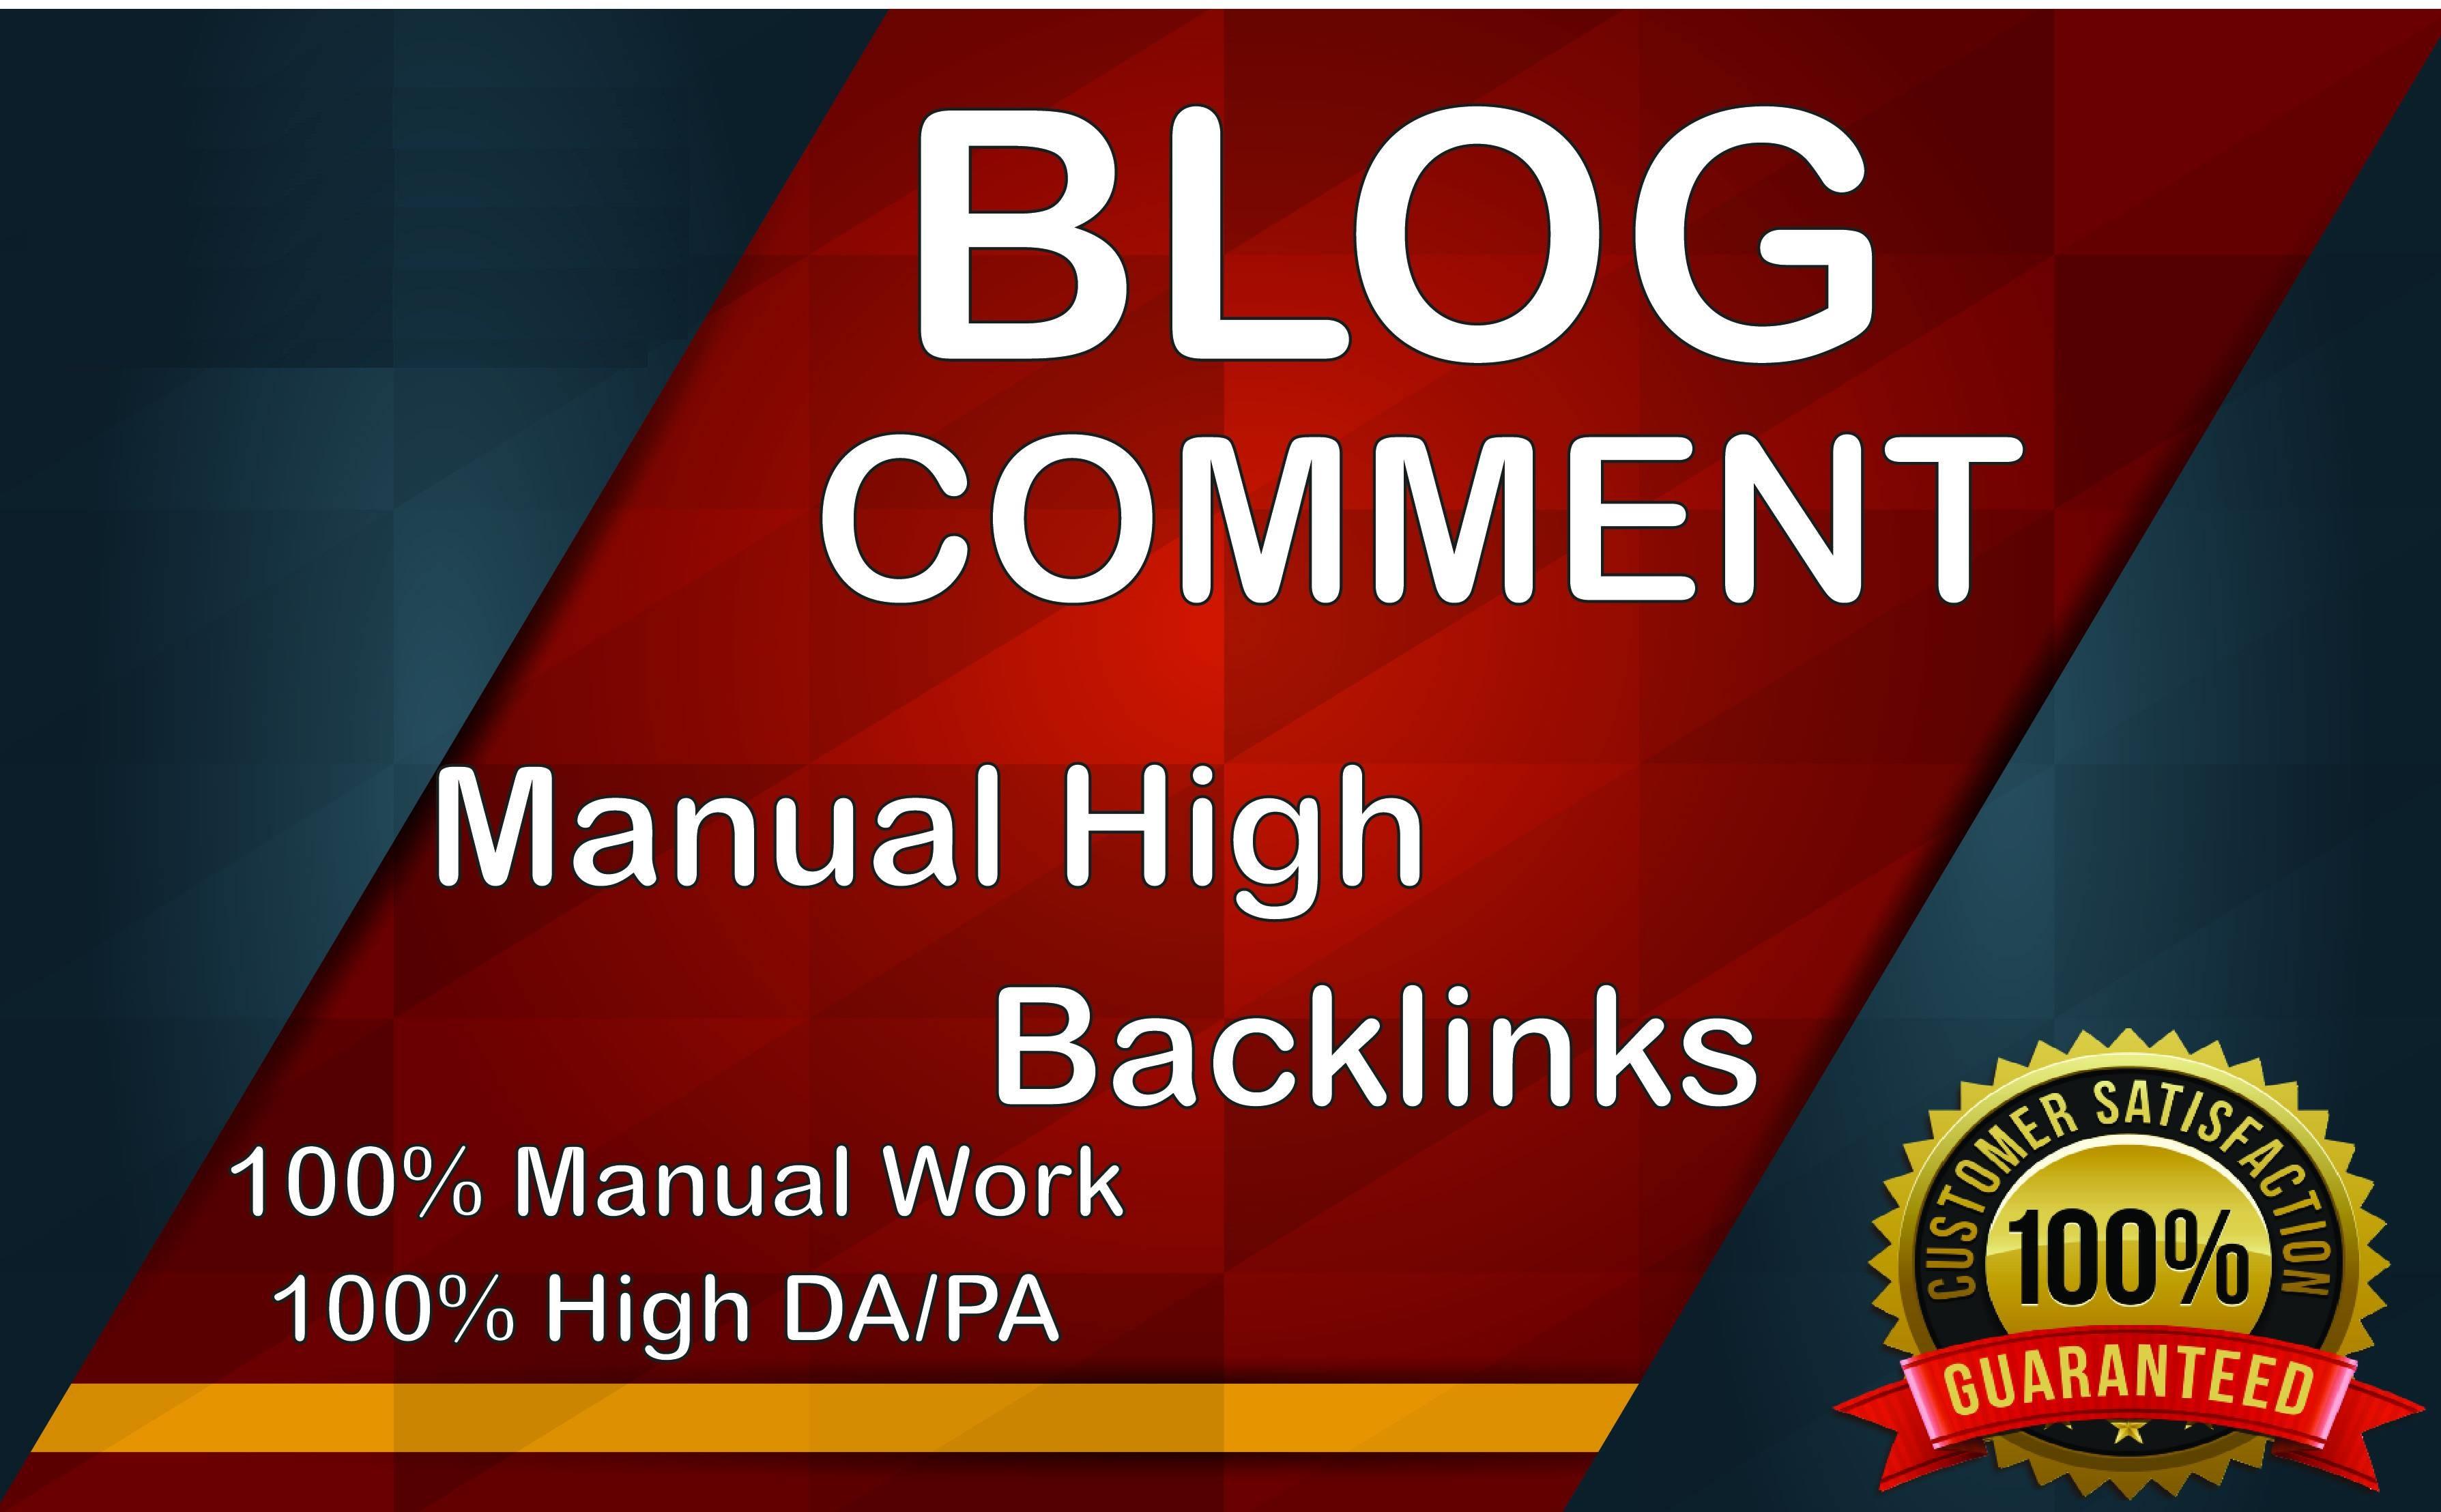 1k plus blog comment backlinks SEO manually